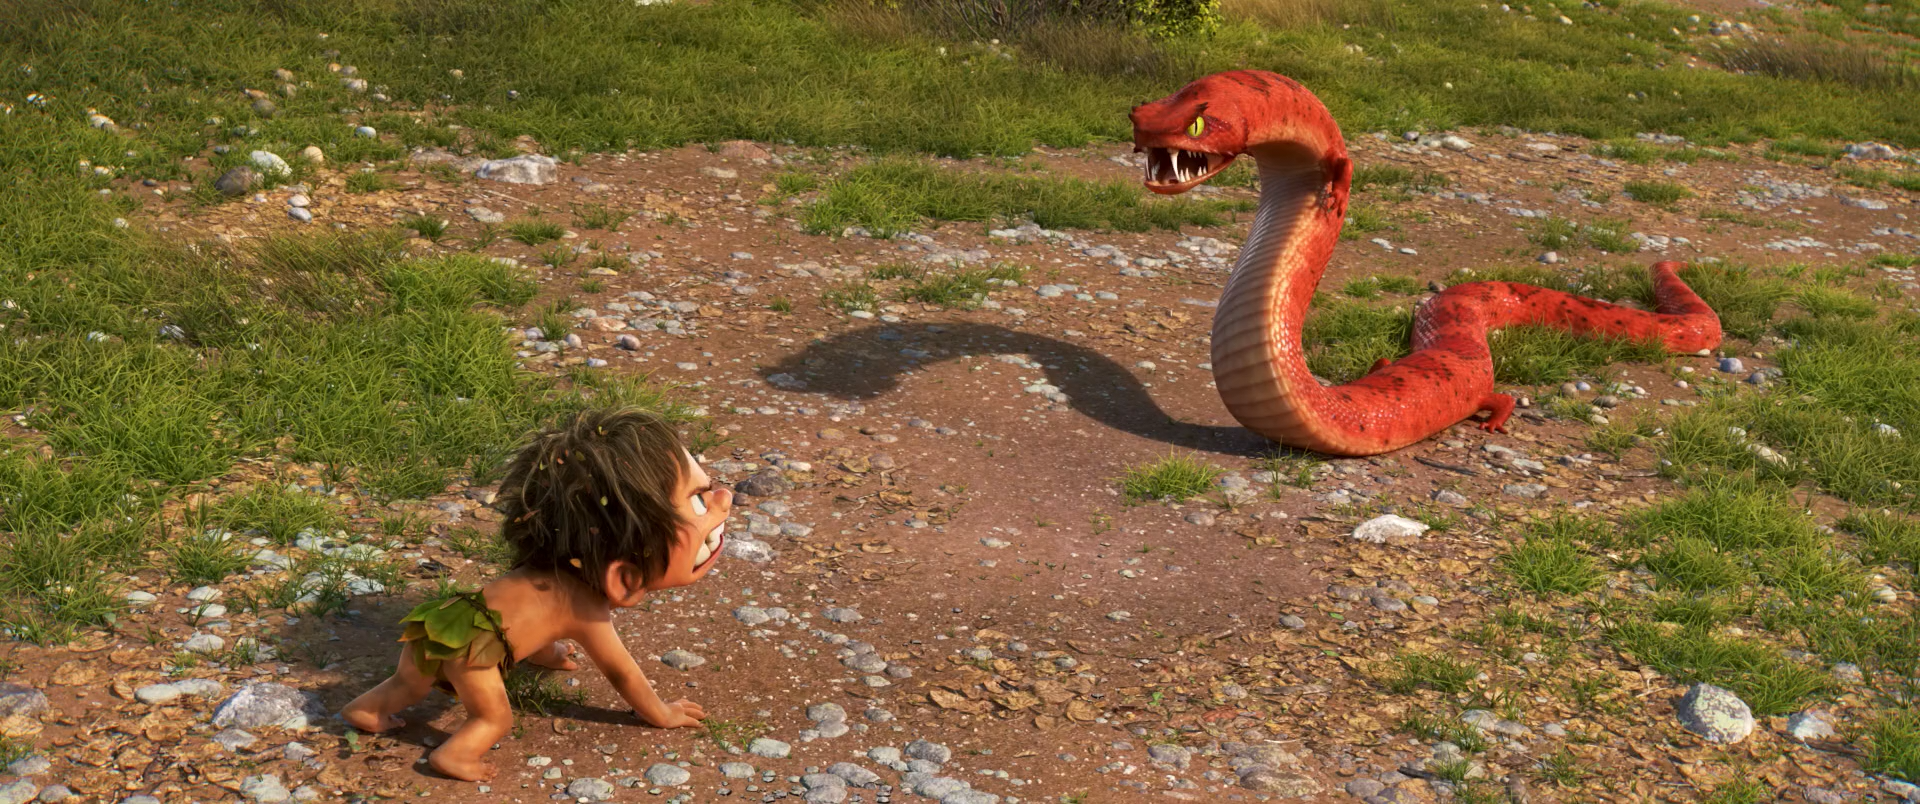 Хороший динозавр / The Good Dinosaur (2015) BDRip 1080p | Локализованная версия | Лицензия